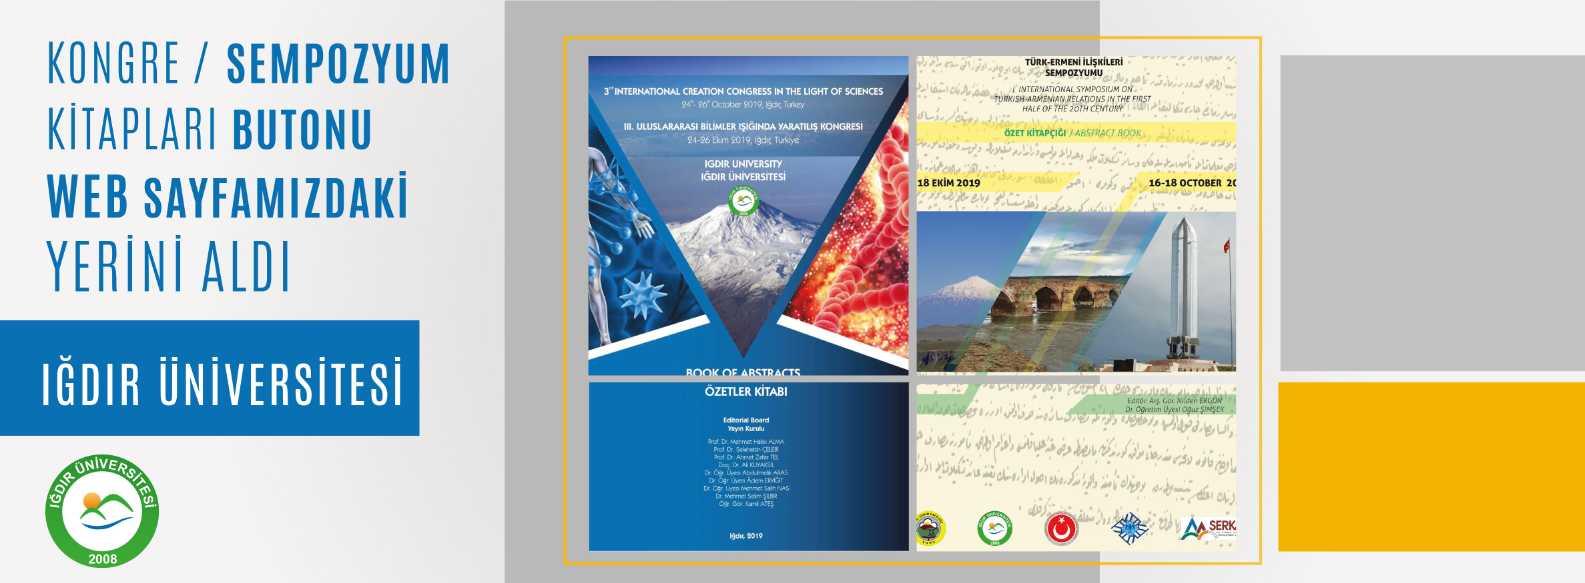 06-11-2019-kongre-sempozyum-ozet-kitabi-banner-h.jpg